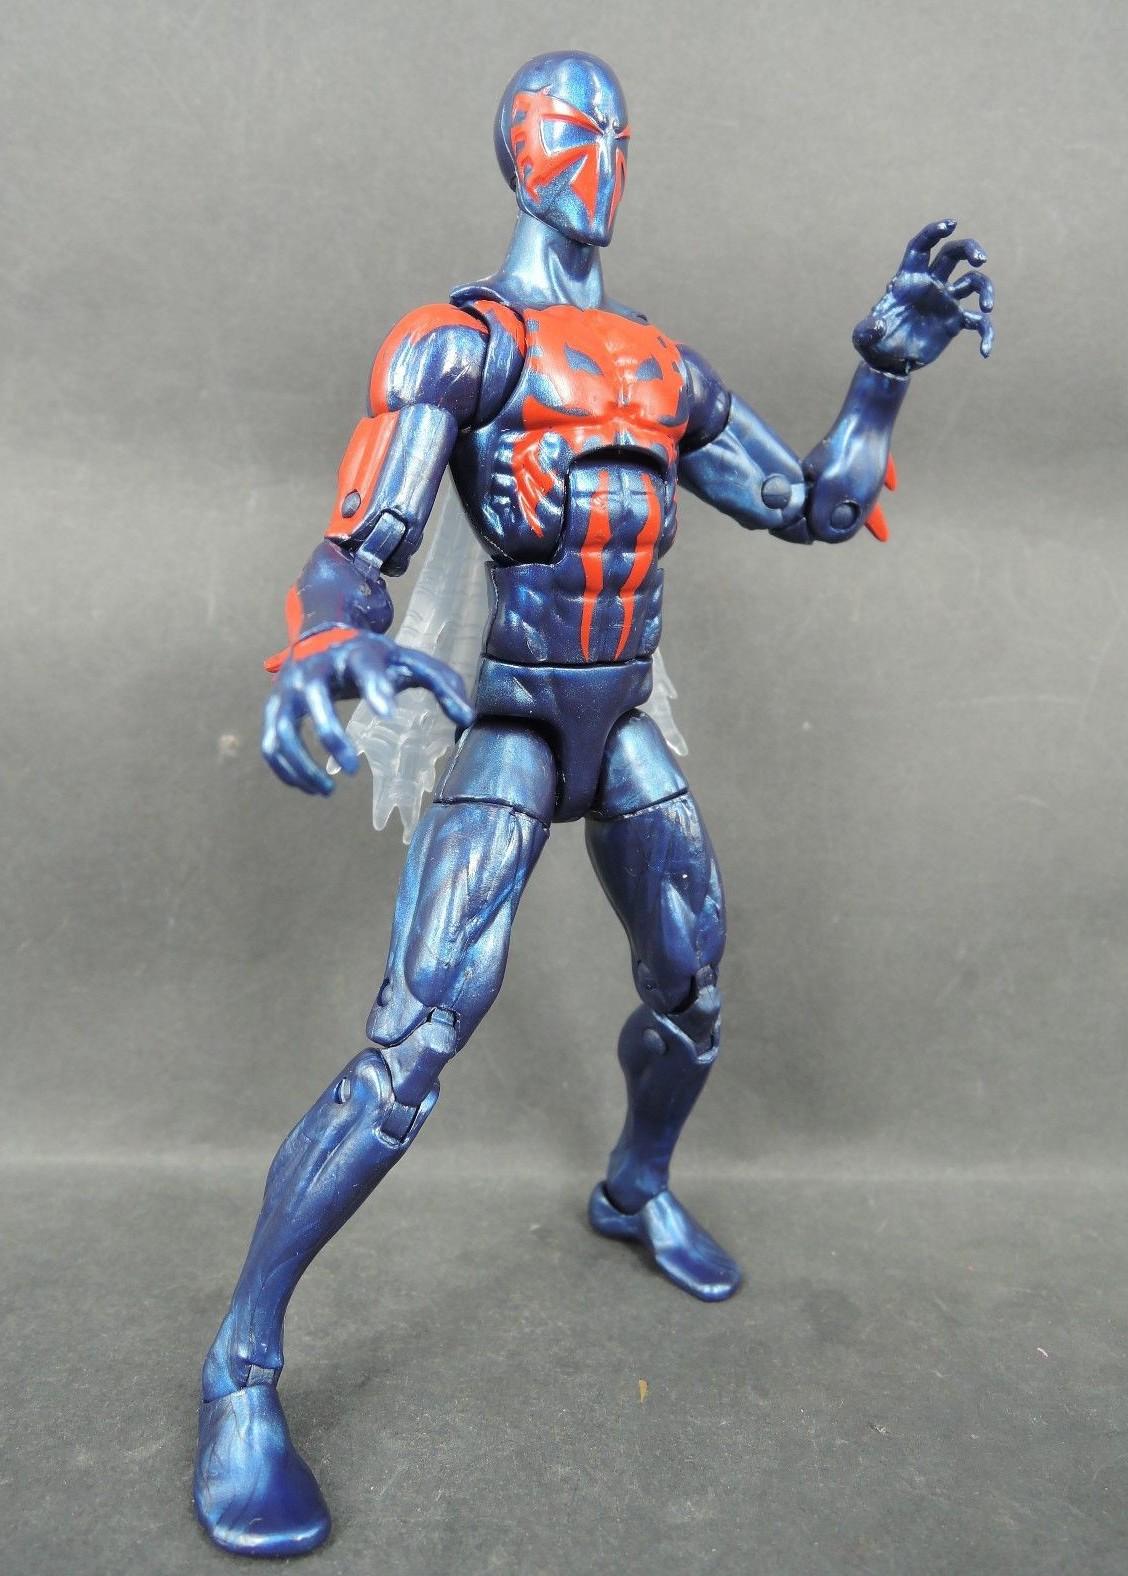 Man spider action figure